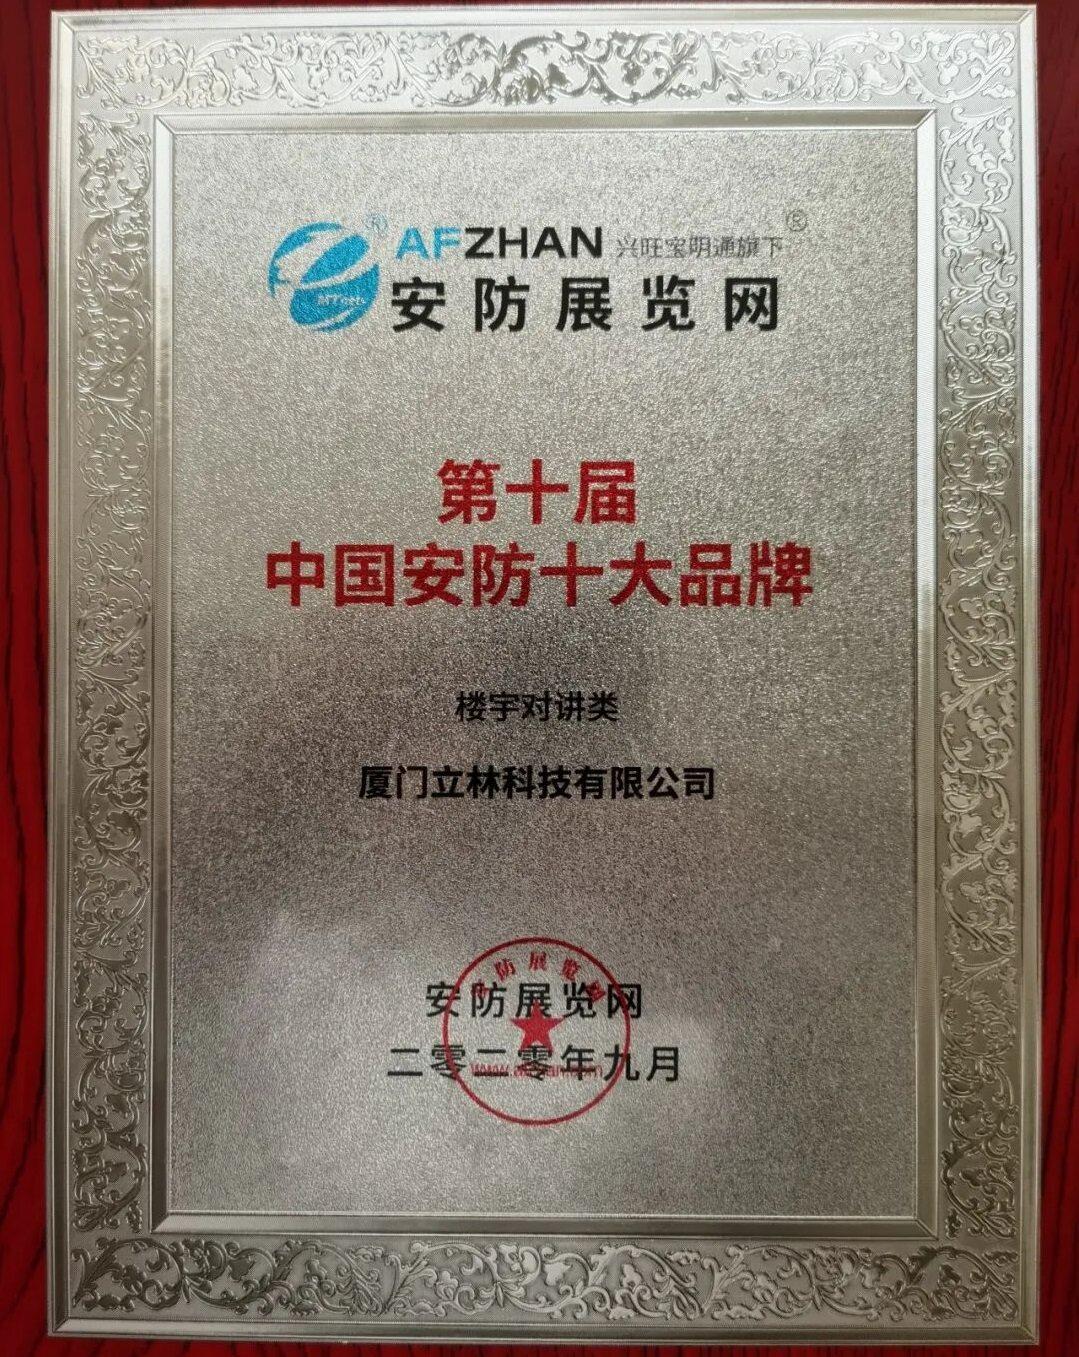 2020中国安防行业颁奖盛典落幕 立林囊括两项重磅大奖